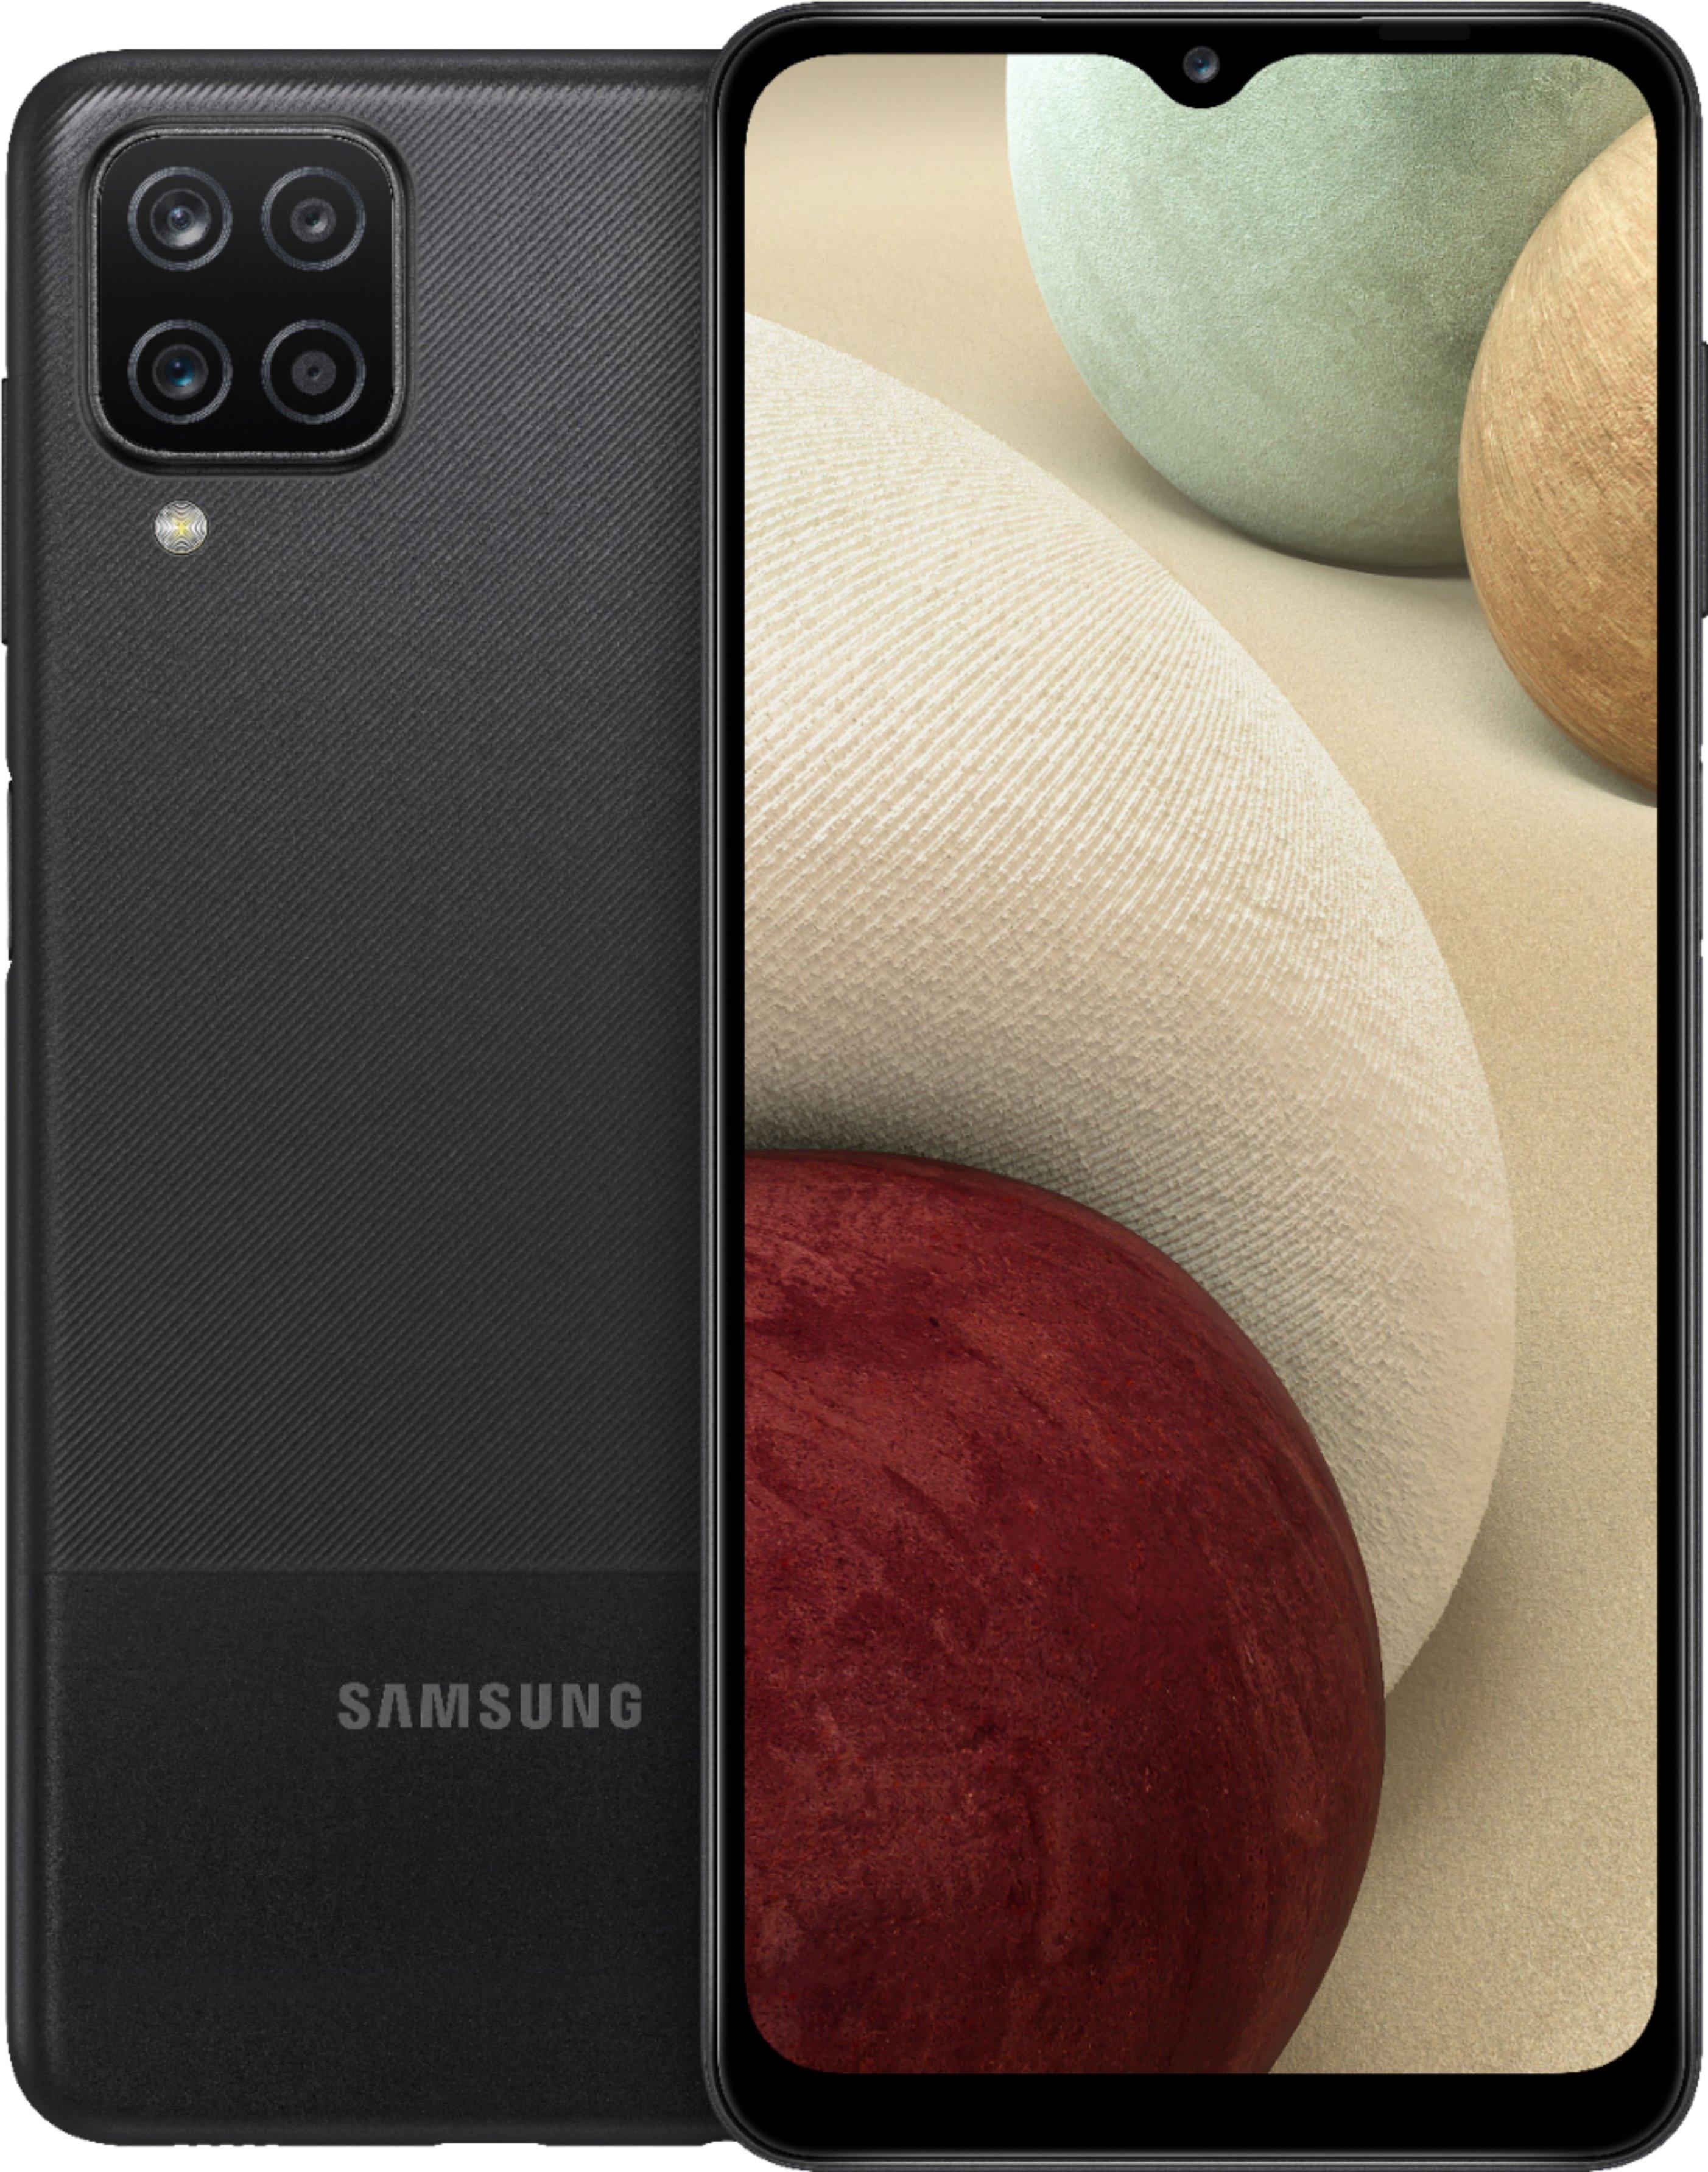 Samsung - Galaxy A12 32GB(Unlocked) - Black